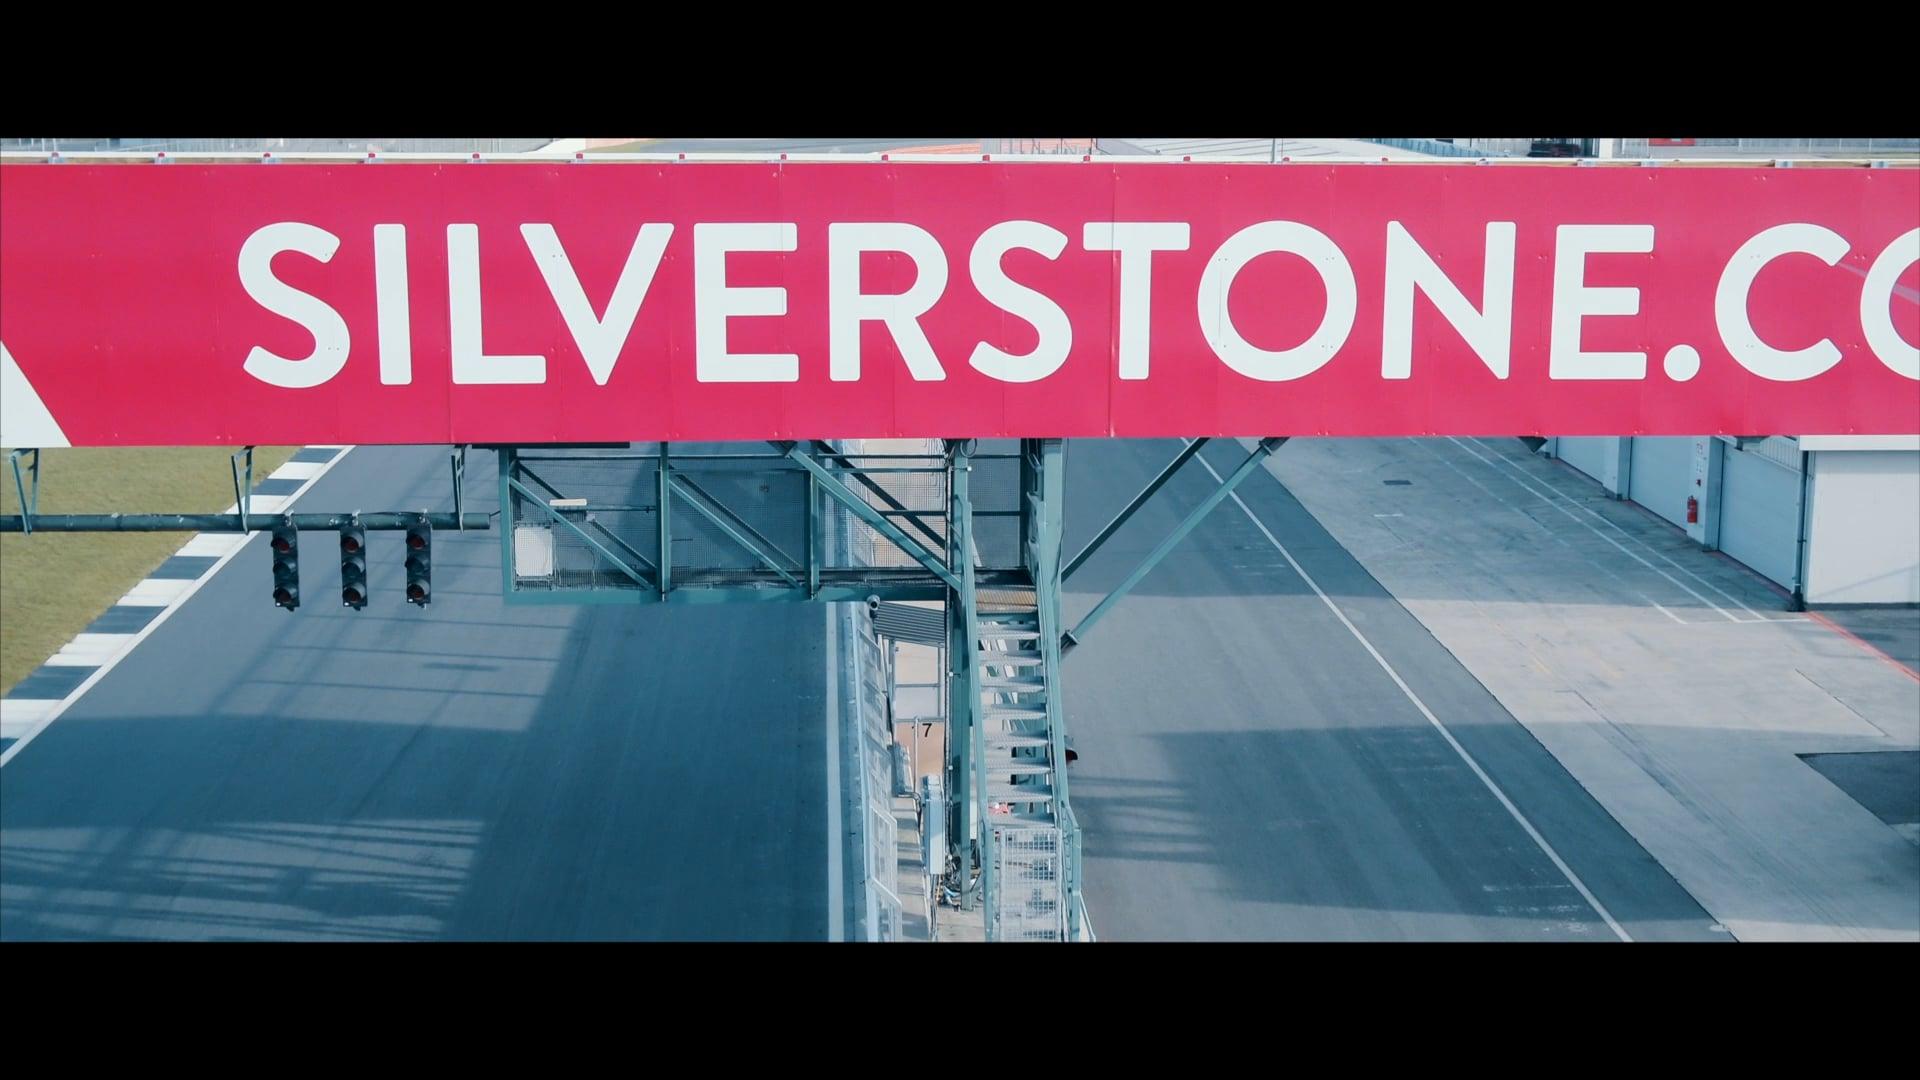 KIA Silverstone